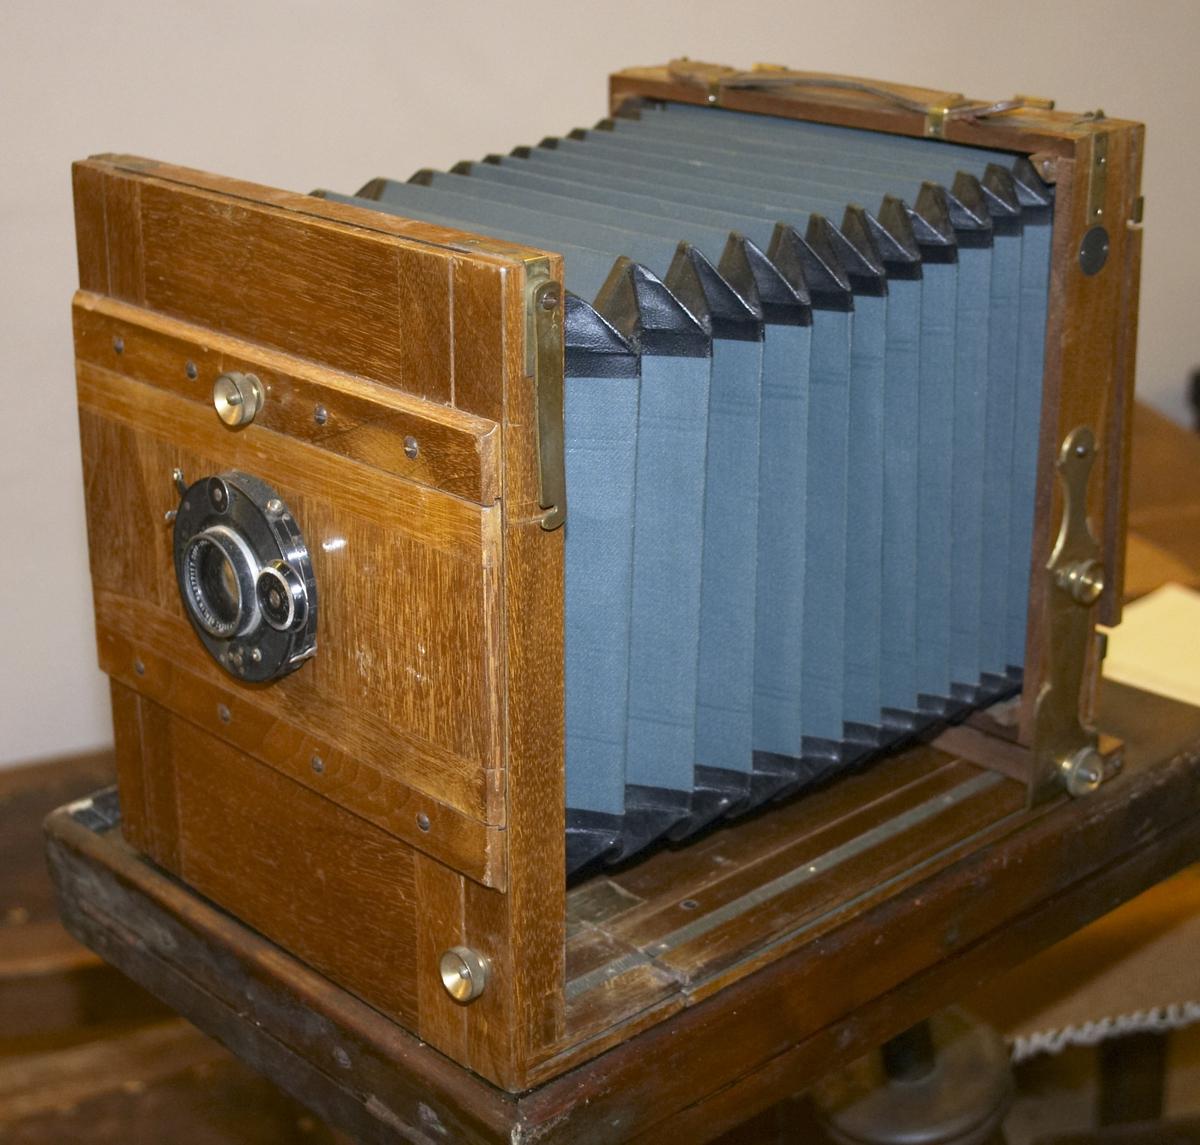 """Gammelt fotoapparat med belg. For glassplater. Medfølgende veske med 3 oppbevaringsesker for totalt 6 eksponerte glassplater. Boks med 14 bilder på glassplate 17,8 x 12,9 cm. En ukjent lukkermekanisme (passer ikke til kameraet da dette har såkalt """"Compur"""" objektiv med innebygget lukker). Mekanismen kan ha tilhørt et tidligere kamera. En tom film-boks. Man kan finne ut mer om slike kamera i boken """"kameraboken"""" skrevet av Brian Coe."""